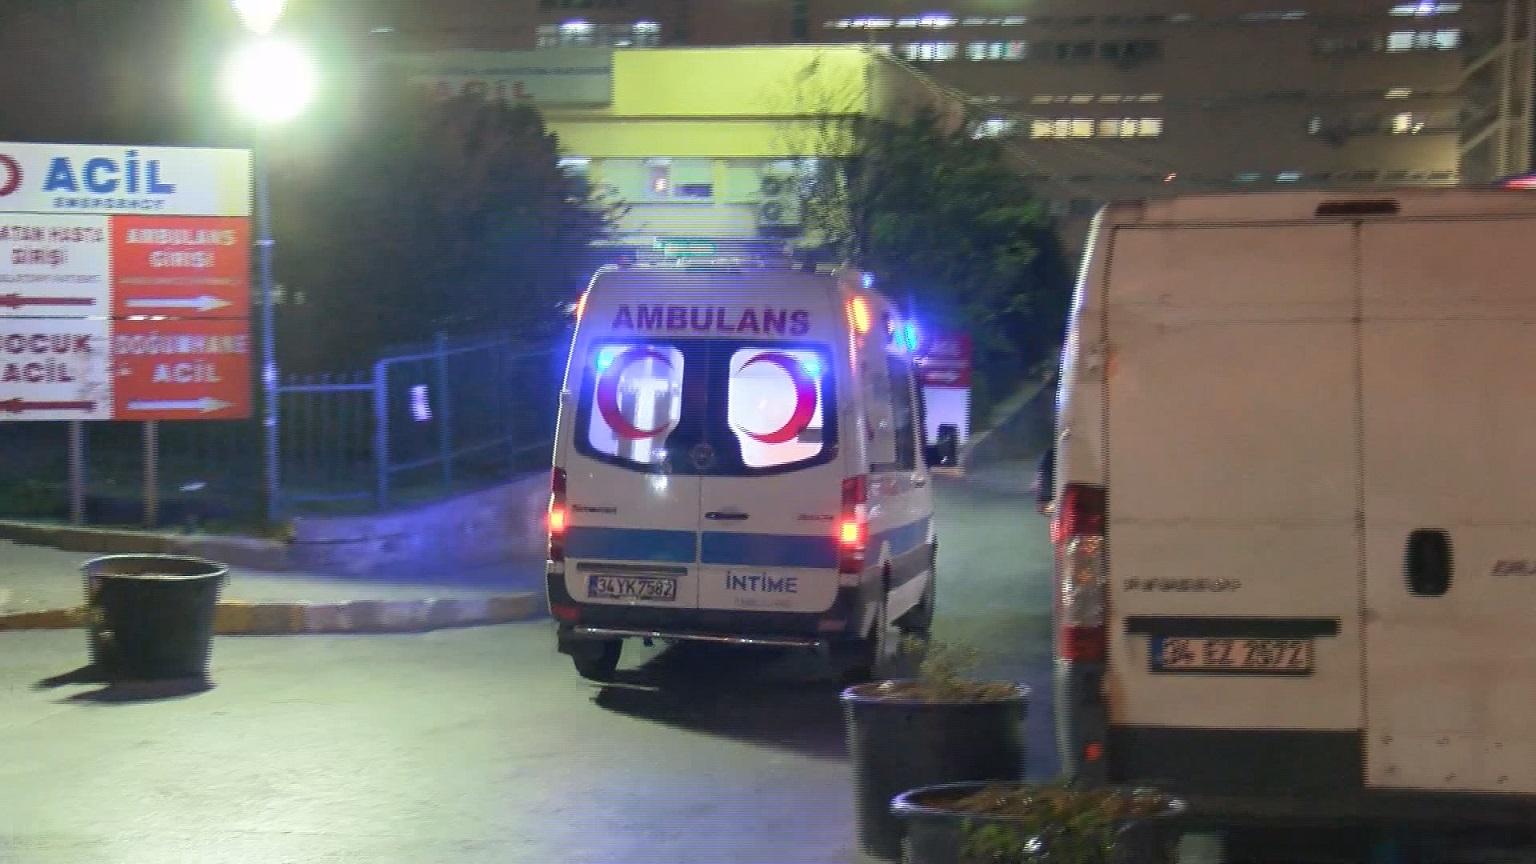 İstanbul'da ıspanaktan zehirlenme vakaları artıyor! Hasta yakınları anlattı